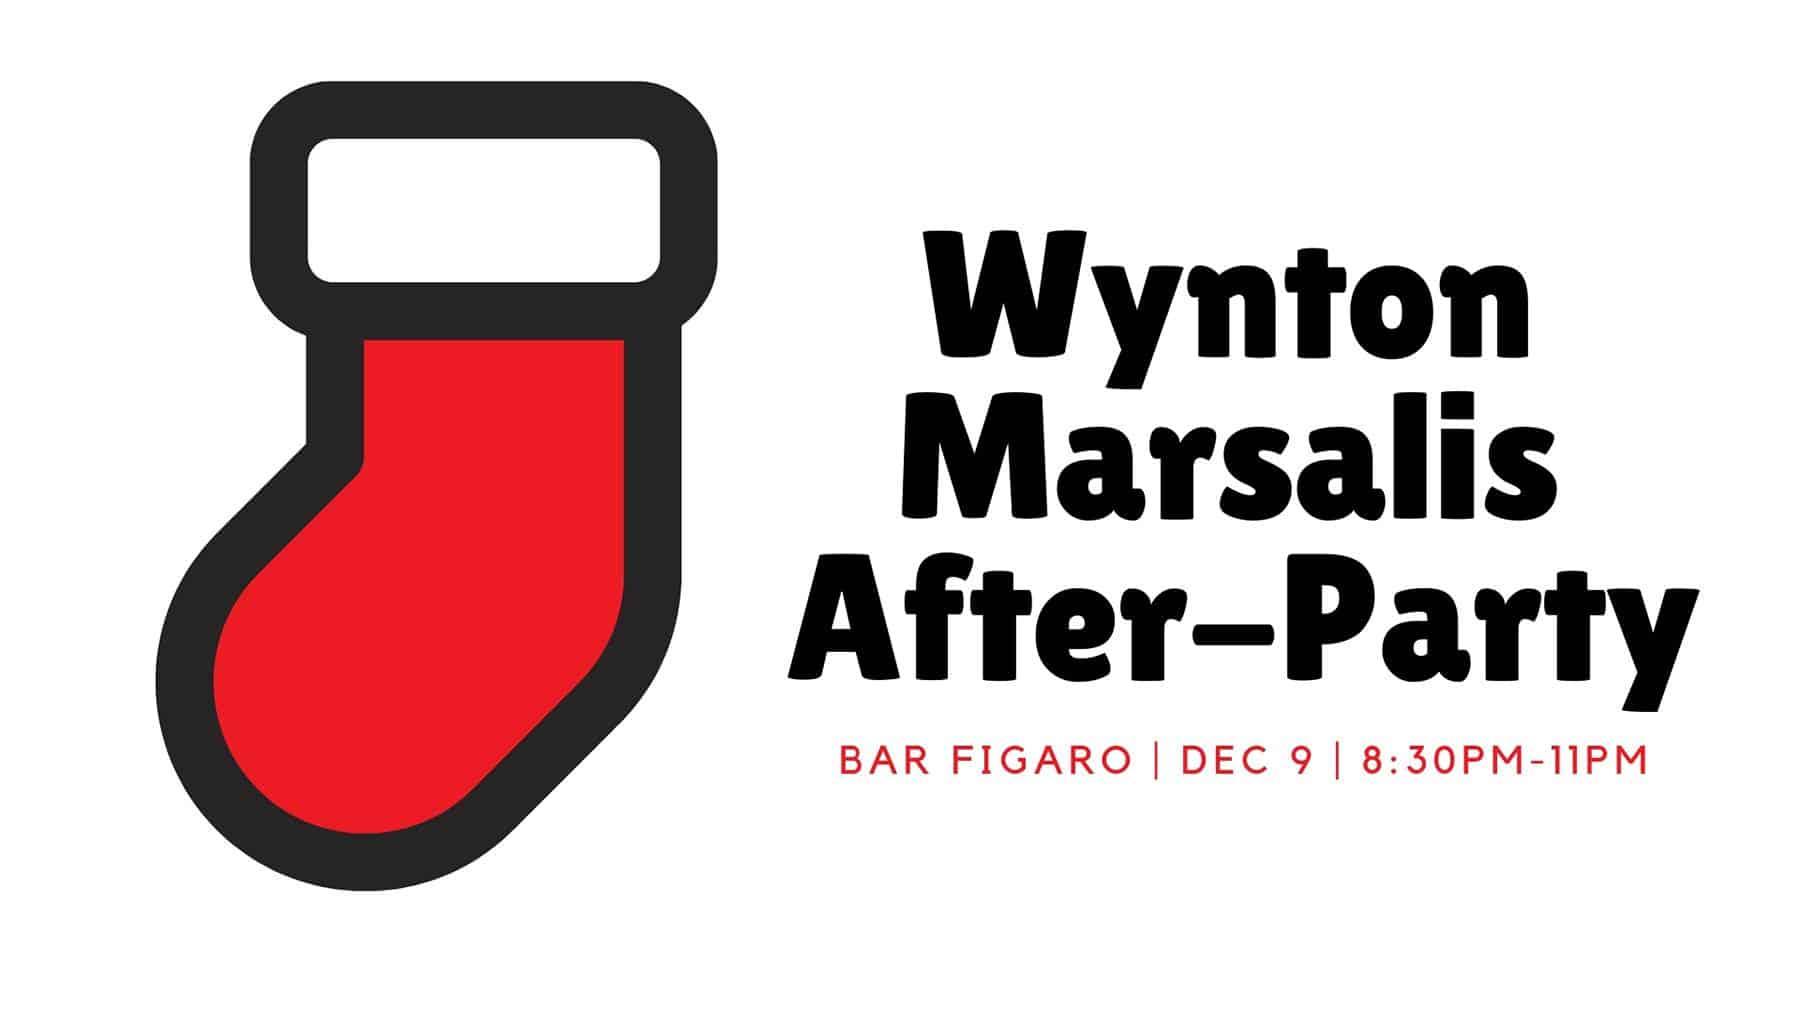 Mark Rapp, Wynton Marsalis